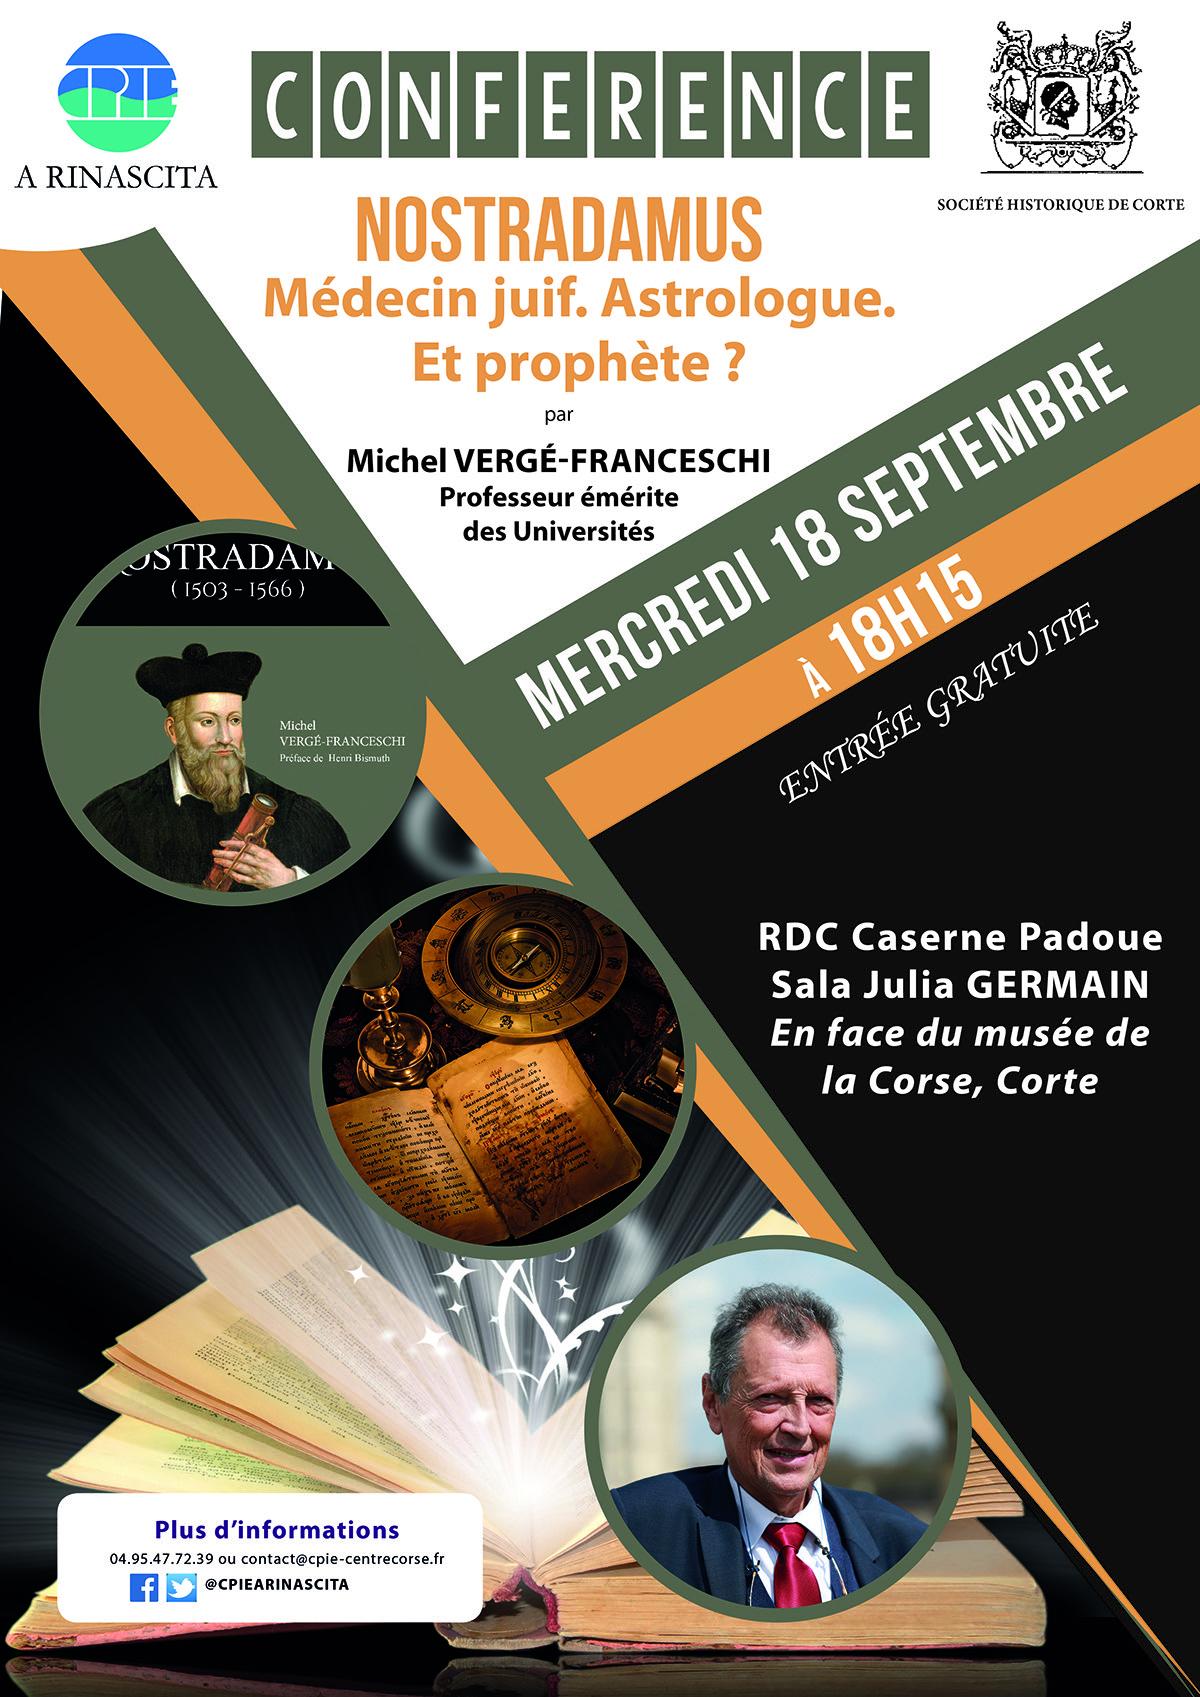 Nostradamus en conférence à Corte ce 18 septembre